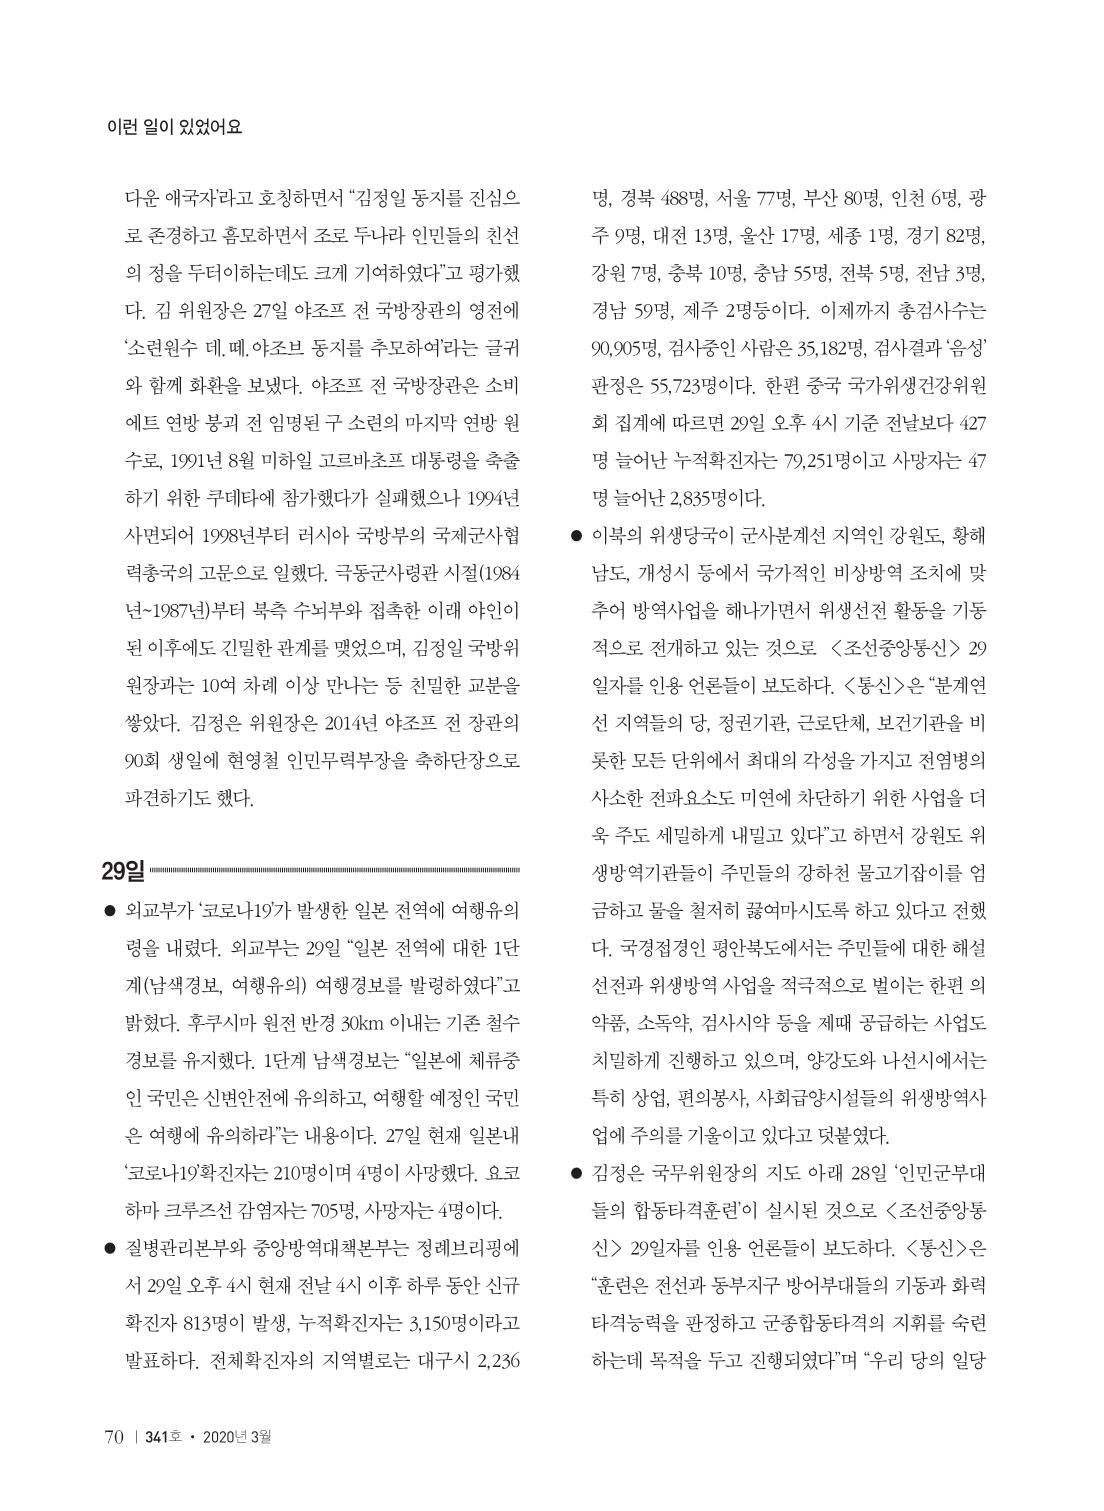 45cfe4c7-a26e-4b55-9dc7-306310e81365.pdf-0072.jpg